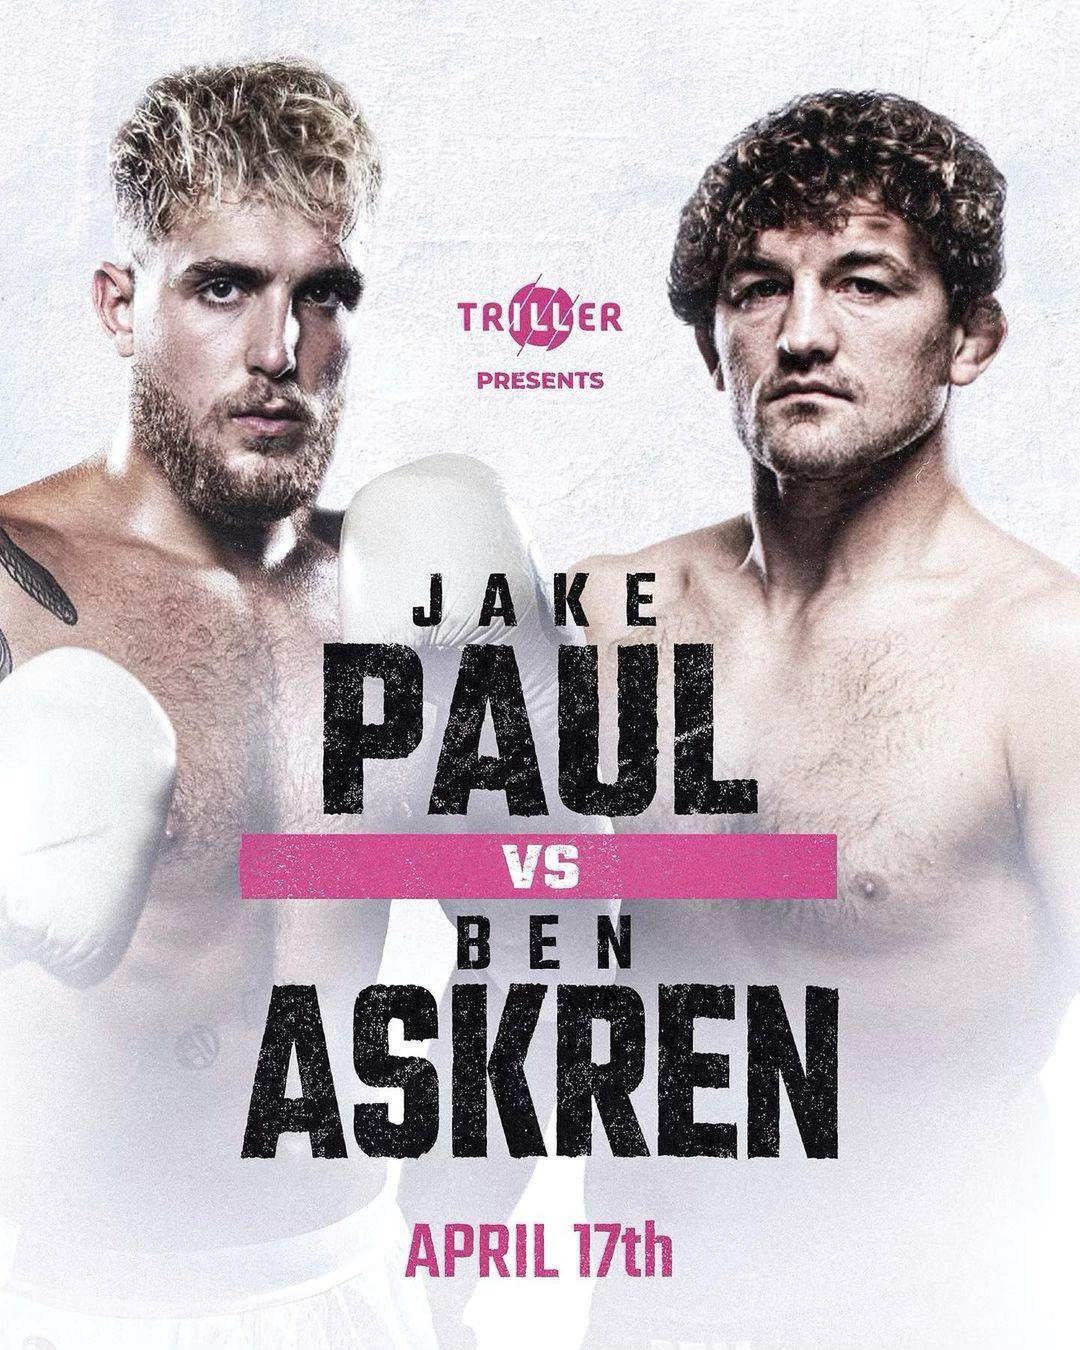 promo : Jake Paul Versus Ben Askren